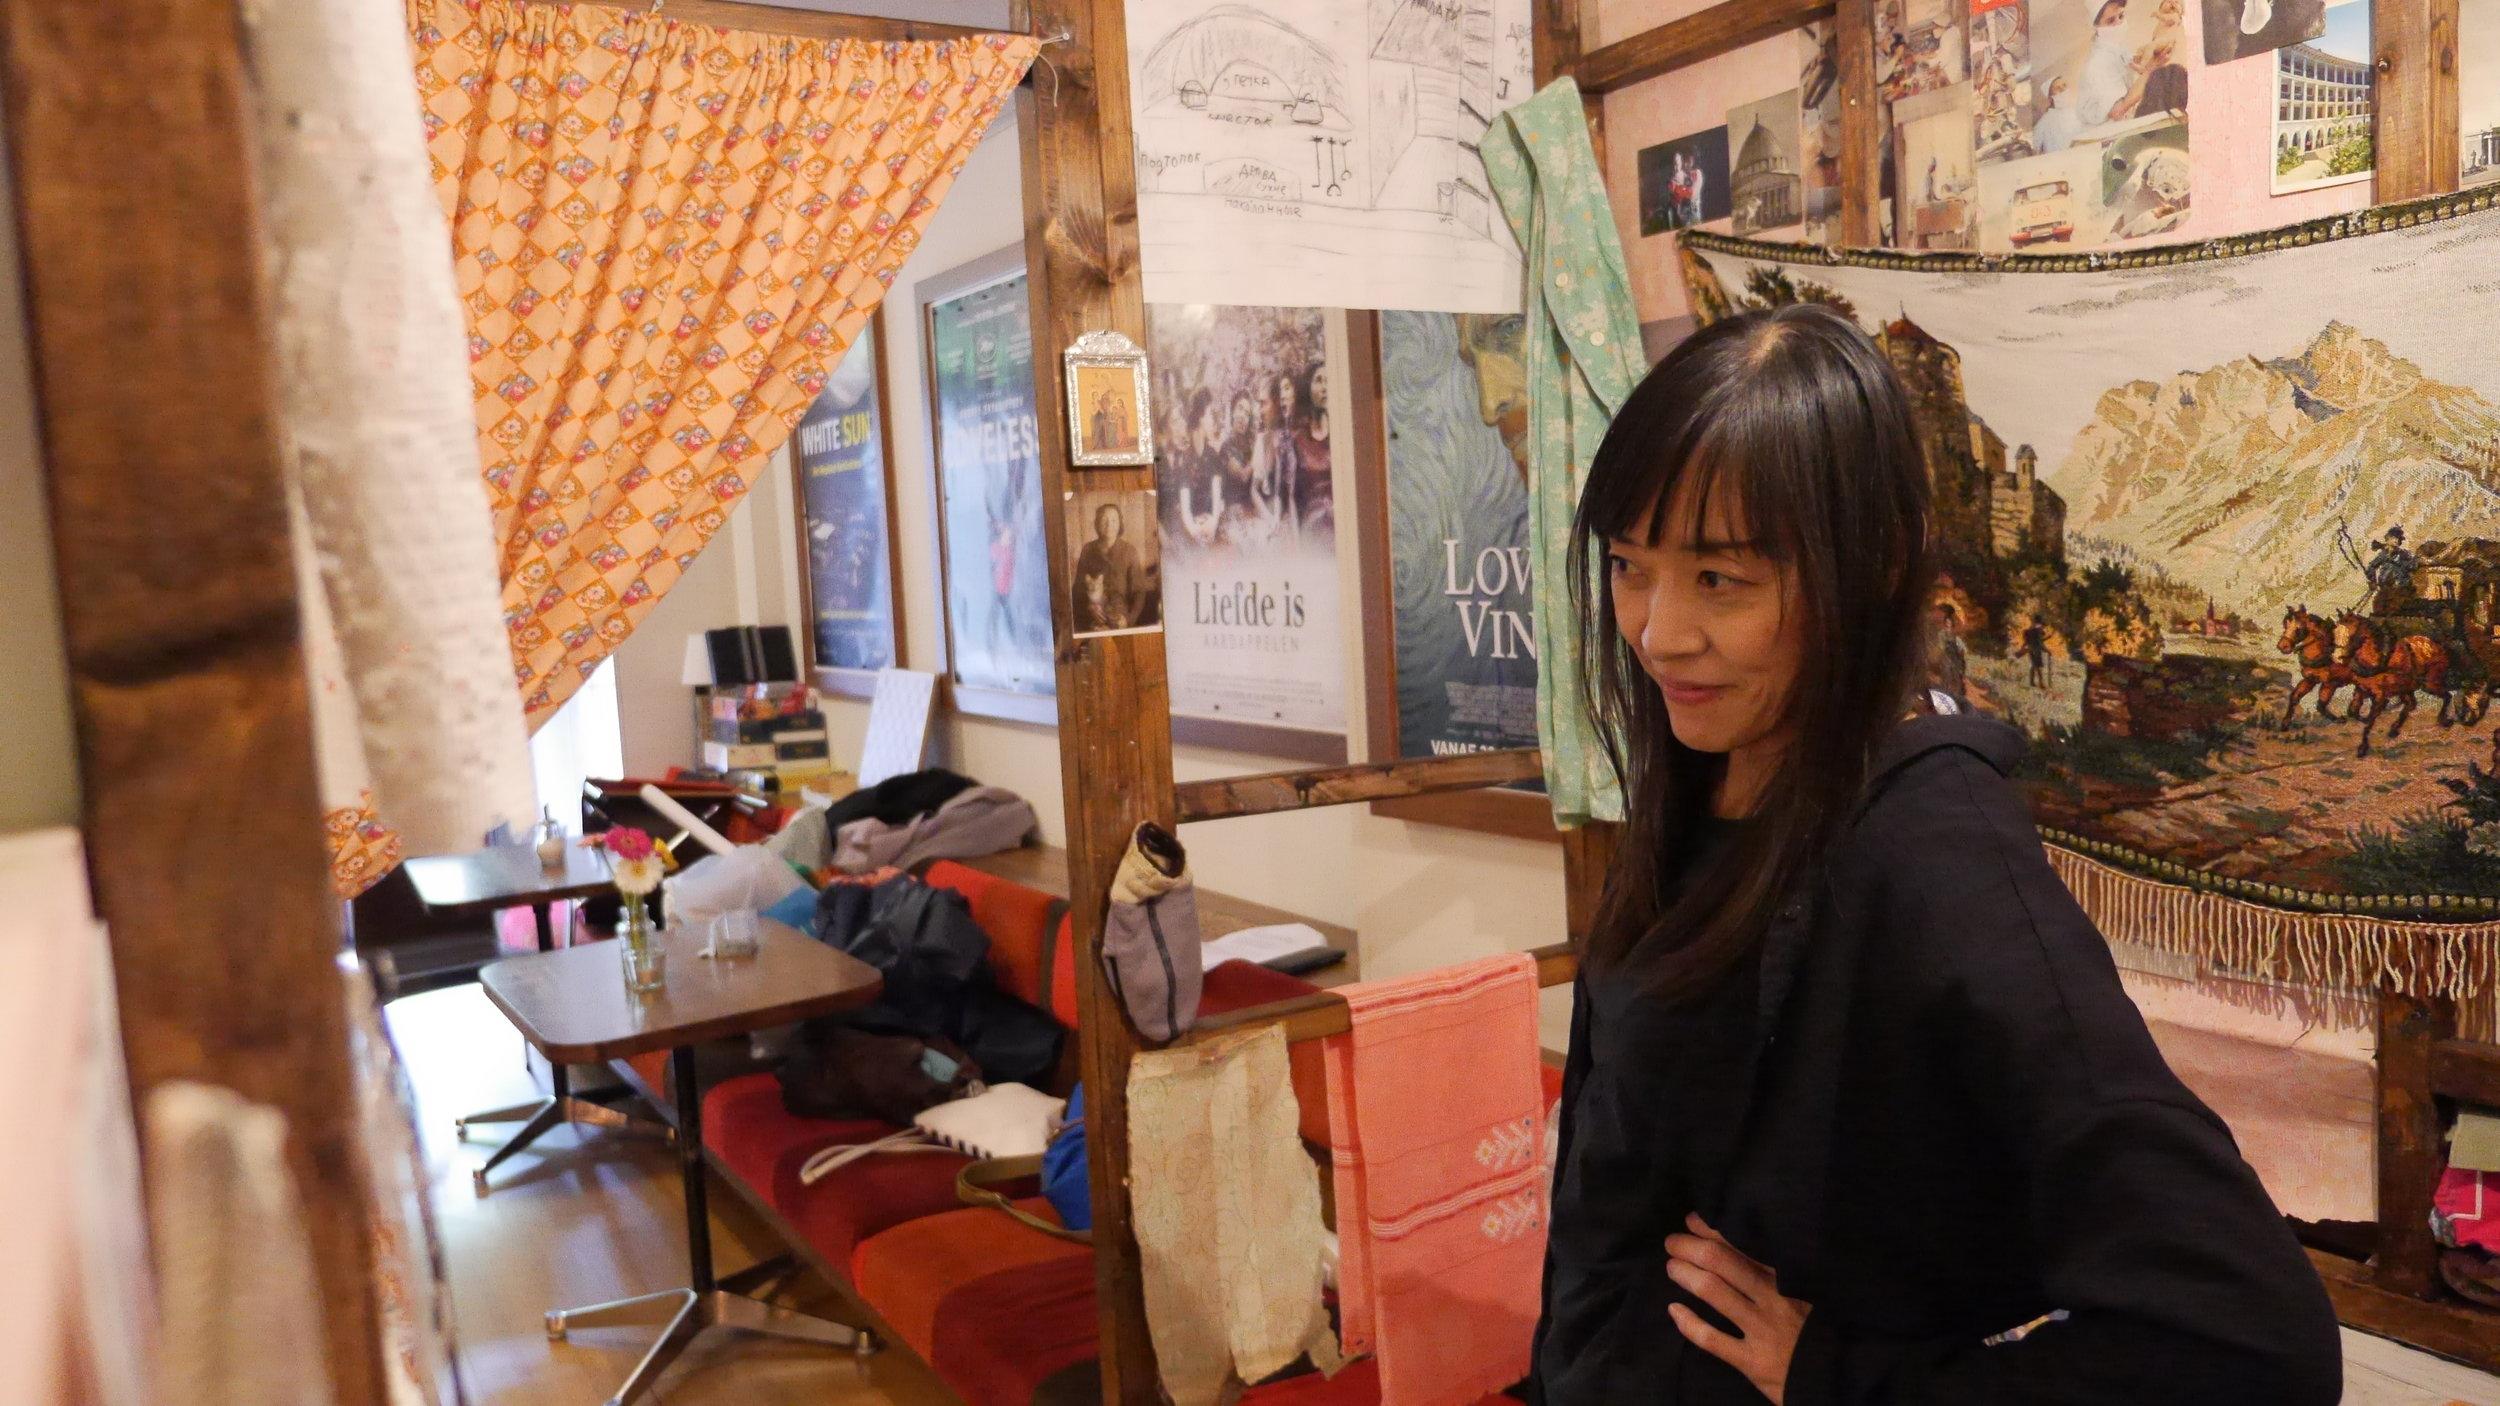 www.chikahome.nl - website of Chikako Watanabe